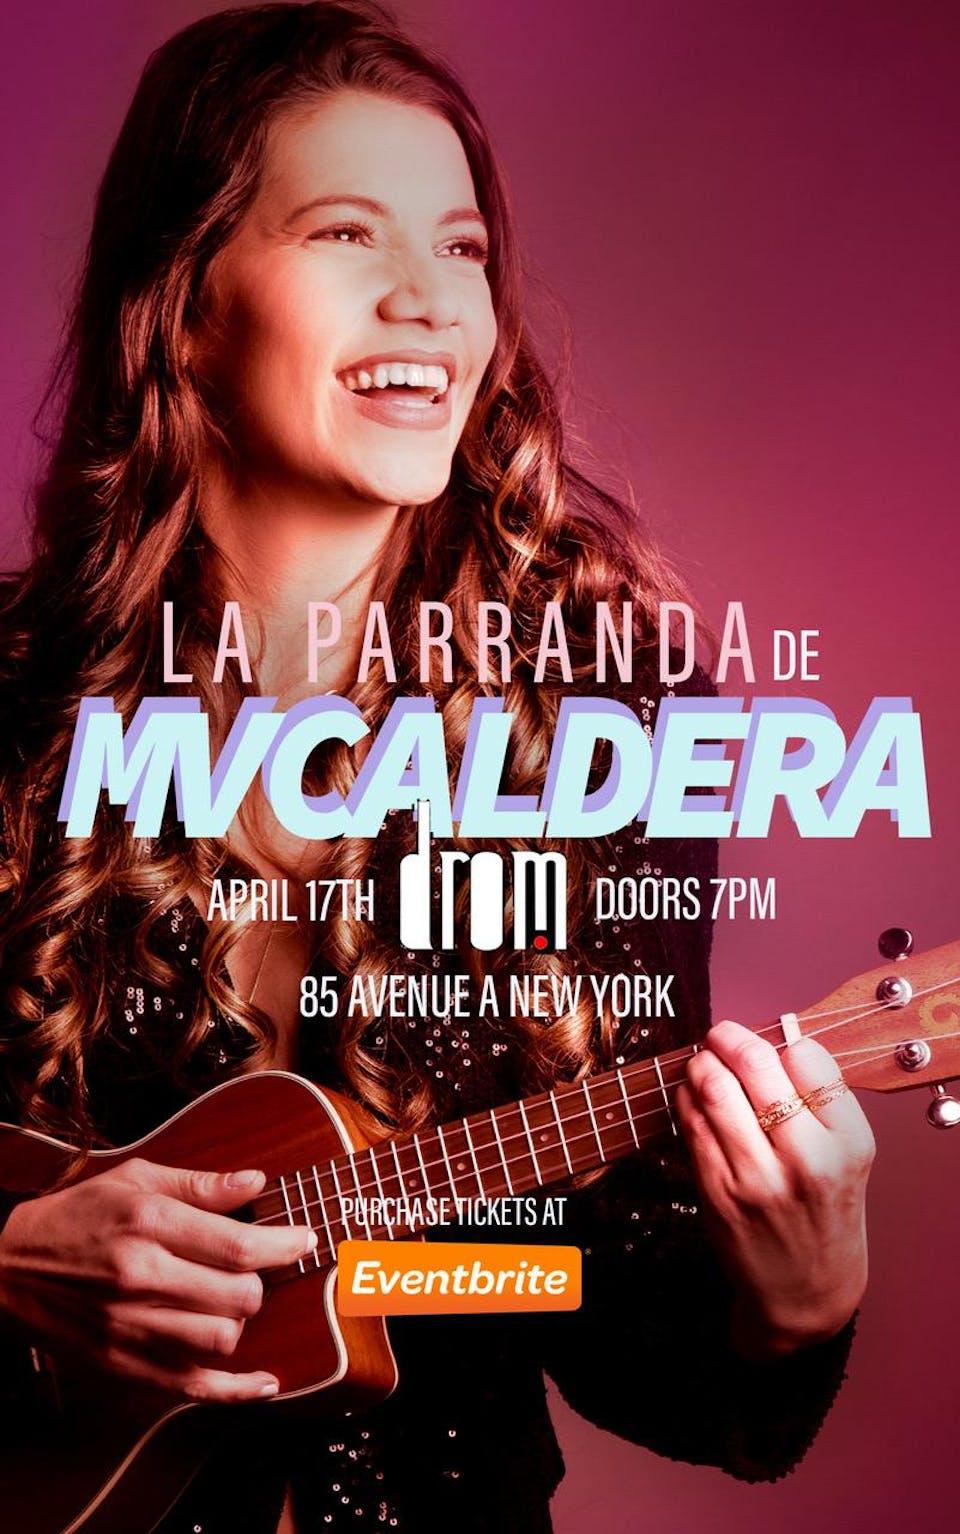 [CANCELLED] MV Caldera La Parranda Concert